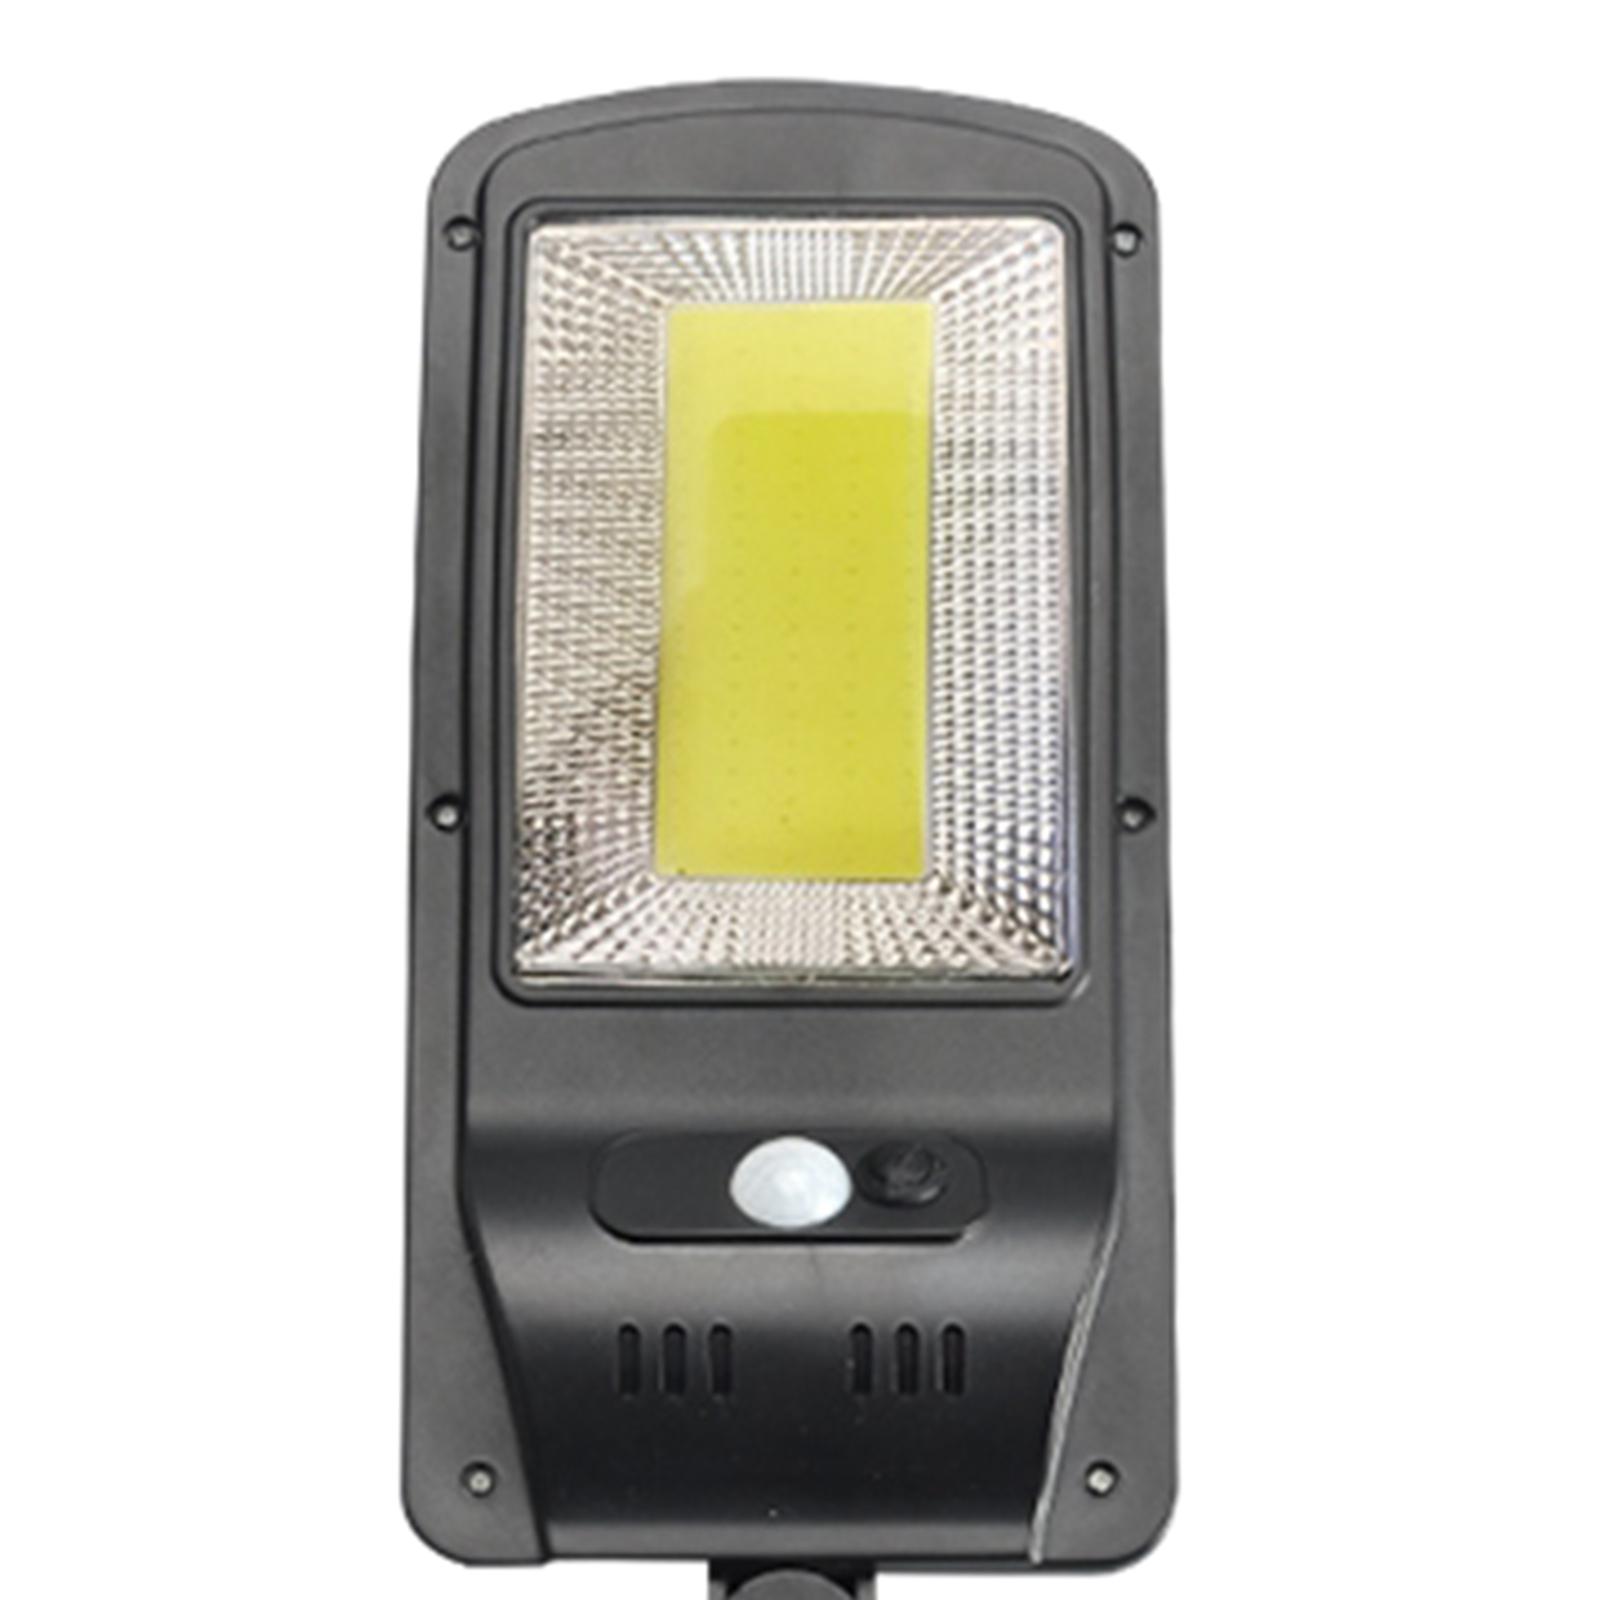 Corps-de-reverbere-a-LED-a-energie-solaire-detectant-la-lumiere miniatura 13